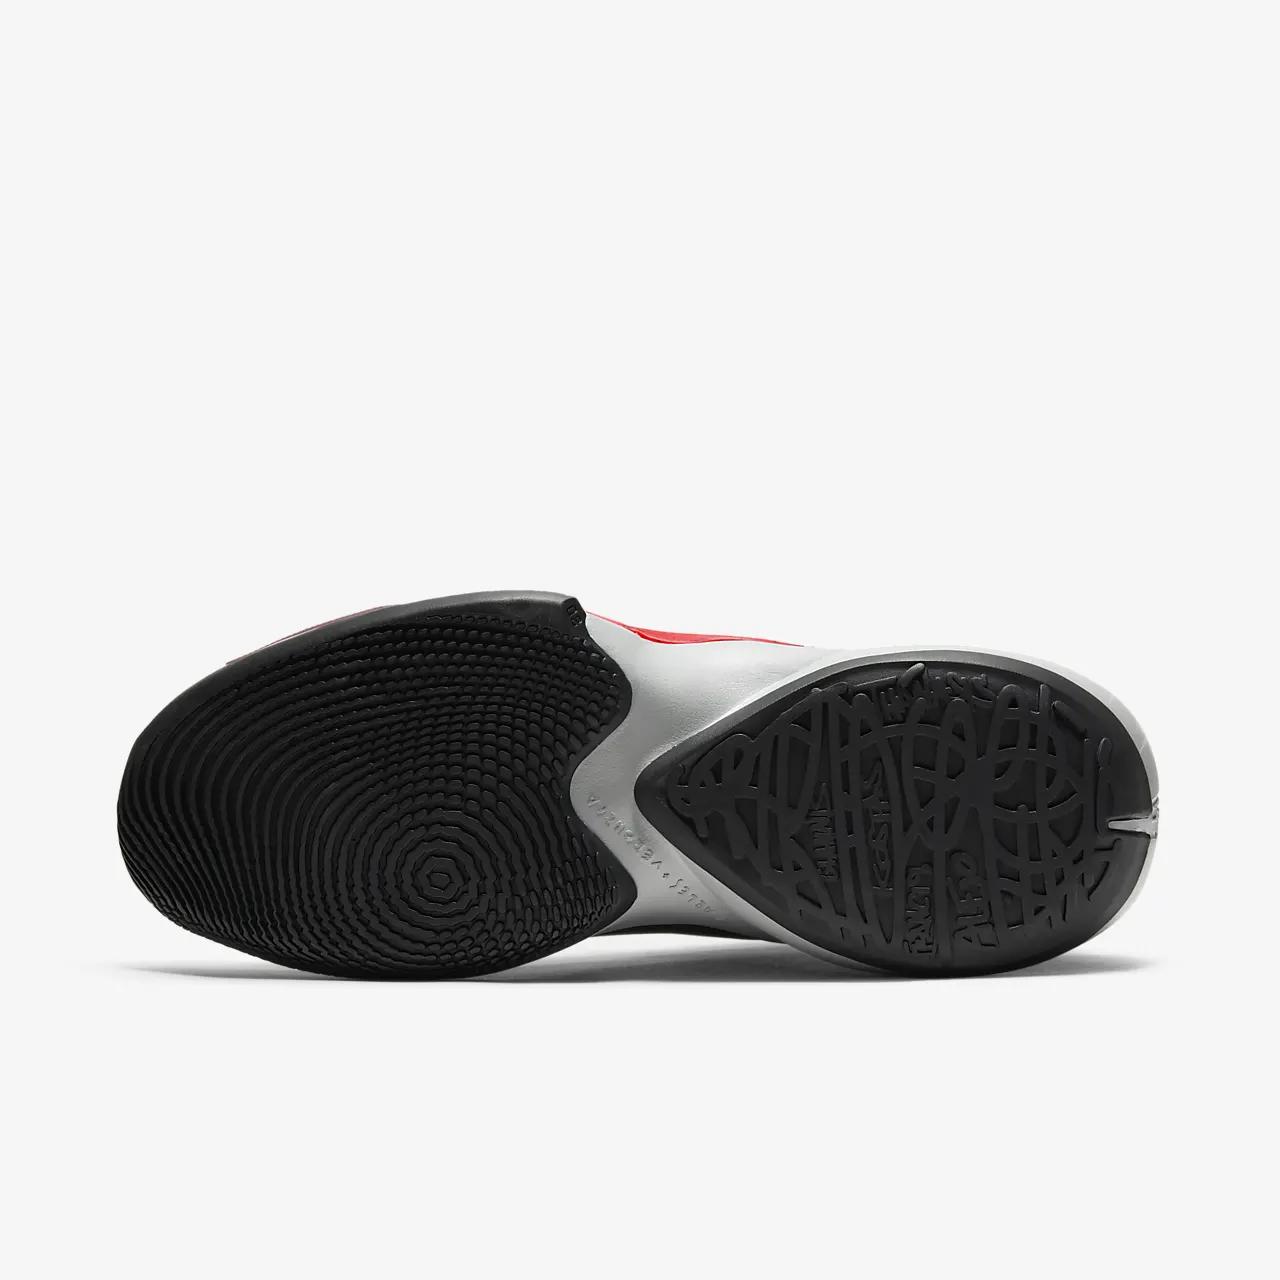 유럽직배송 나이키 NIKE Zoom Freak 2 Basketball Shoe CK5424-003